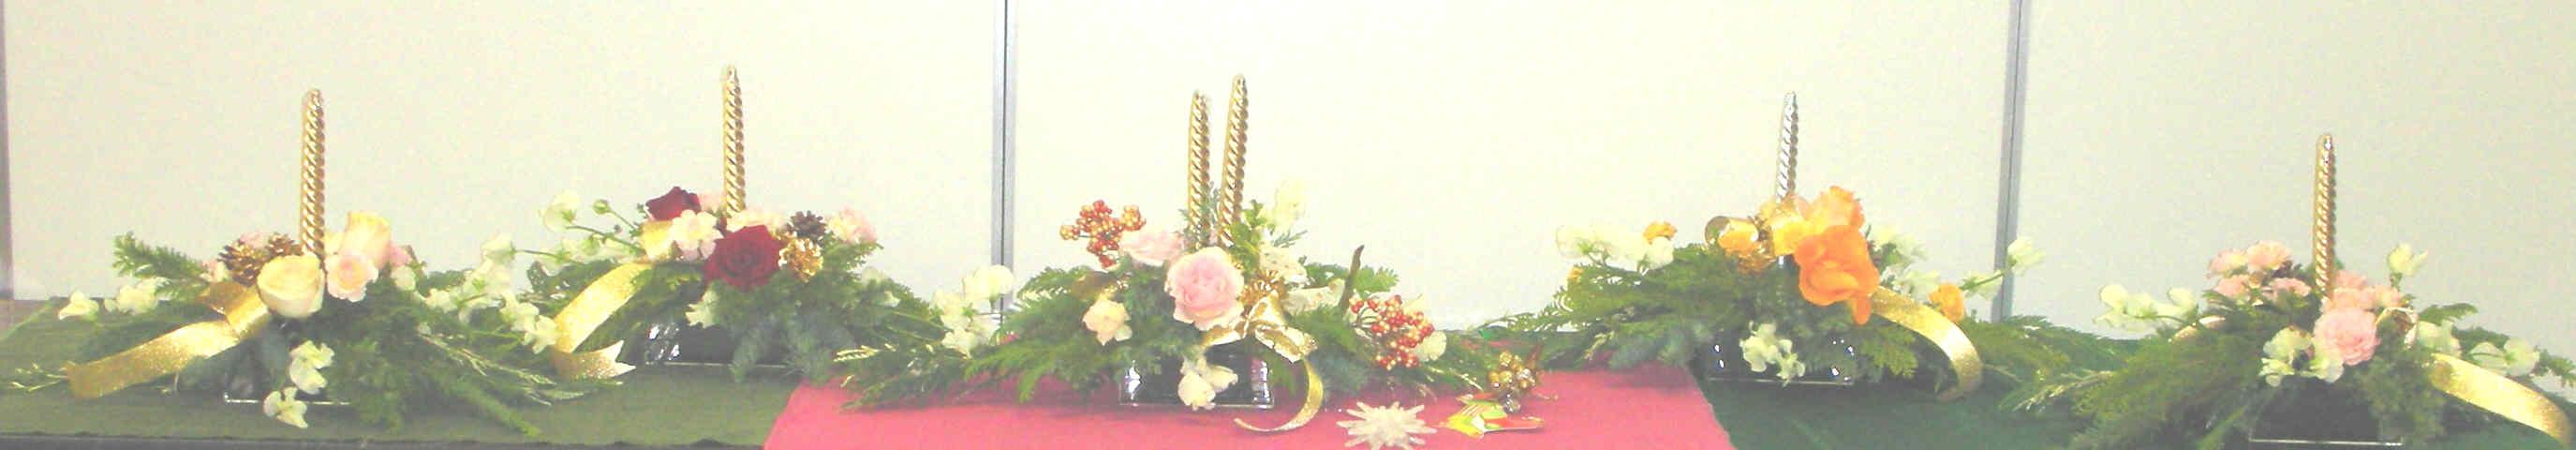 花教室「クリスマスの食卓を飾る花」 神宮にて_c0128489_0361516.jpg